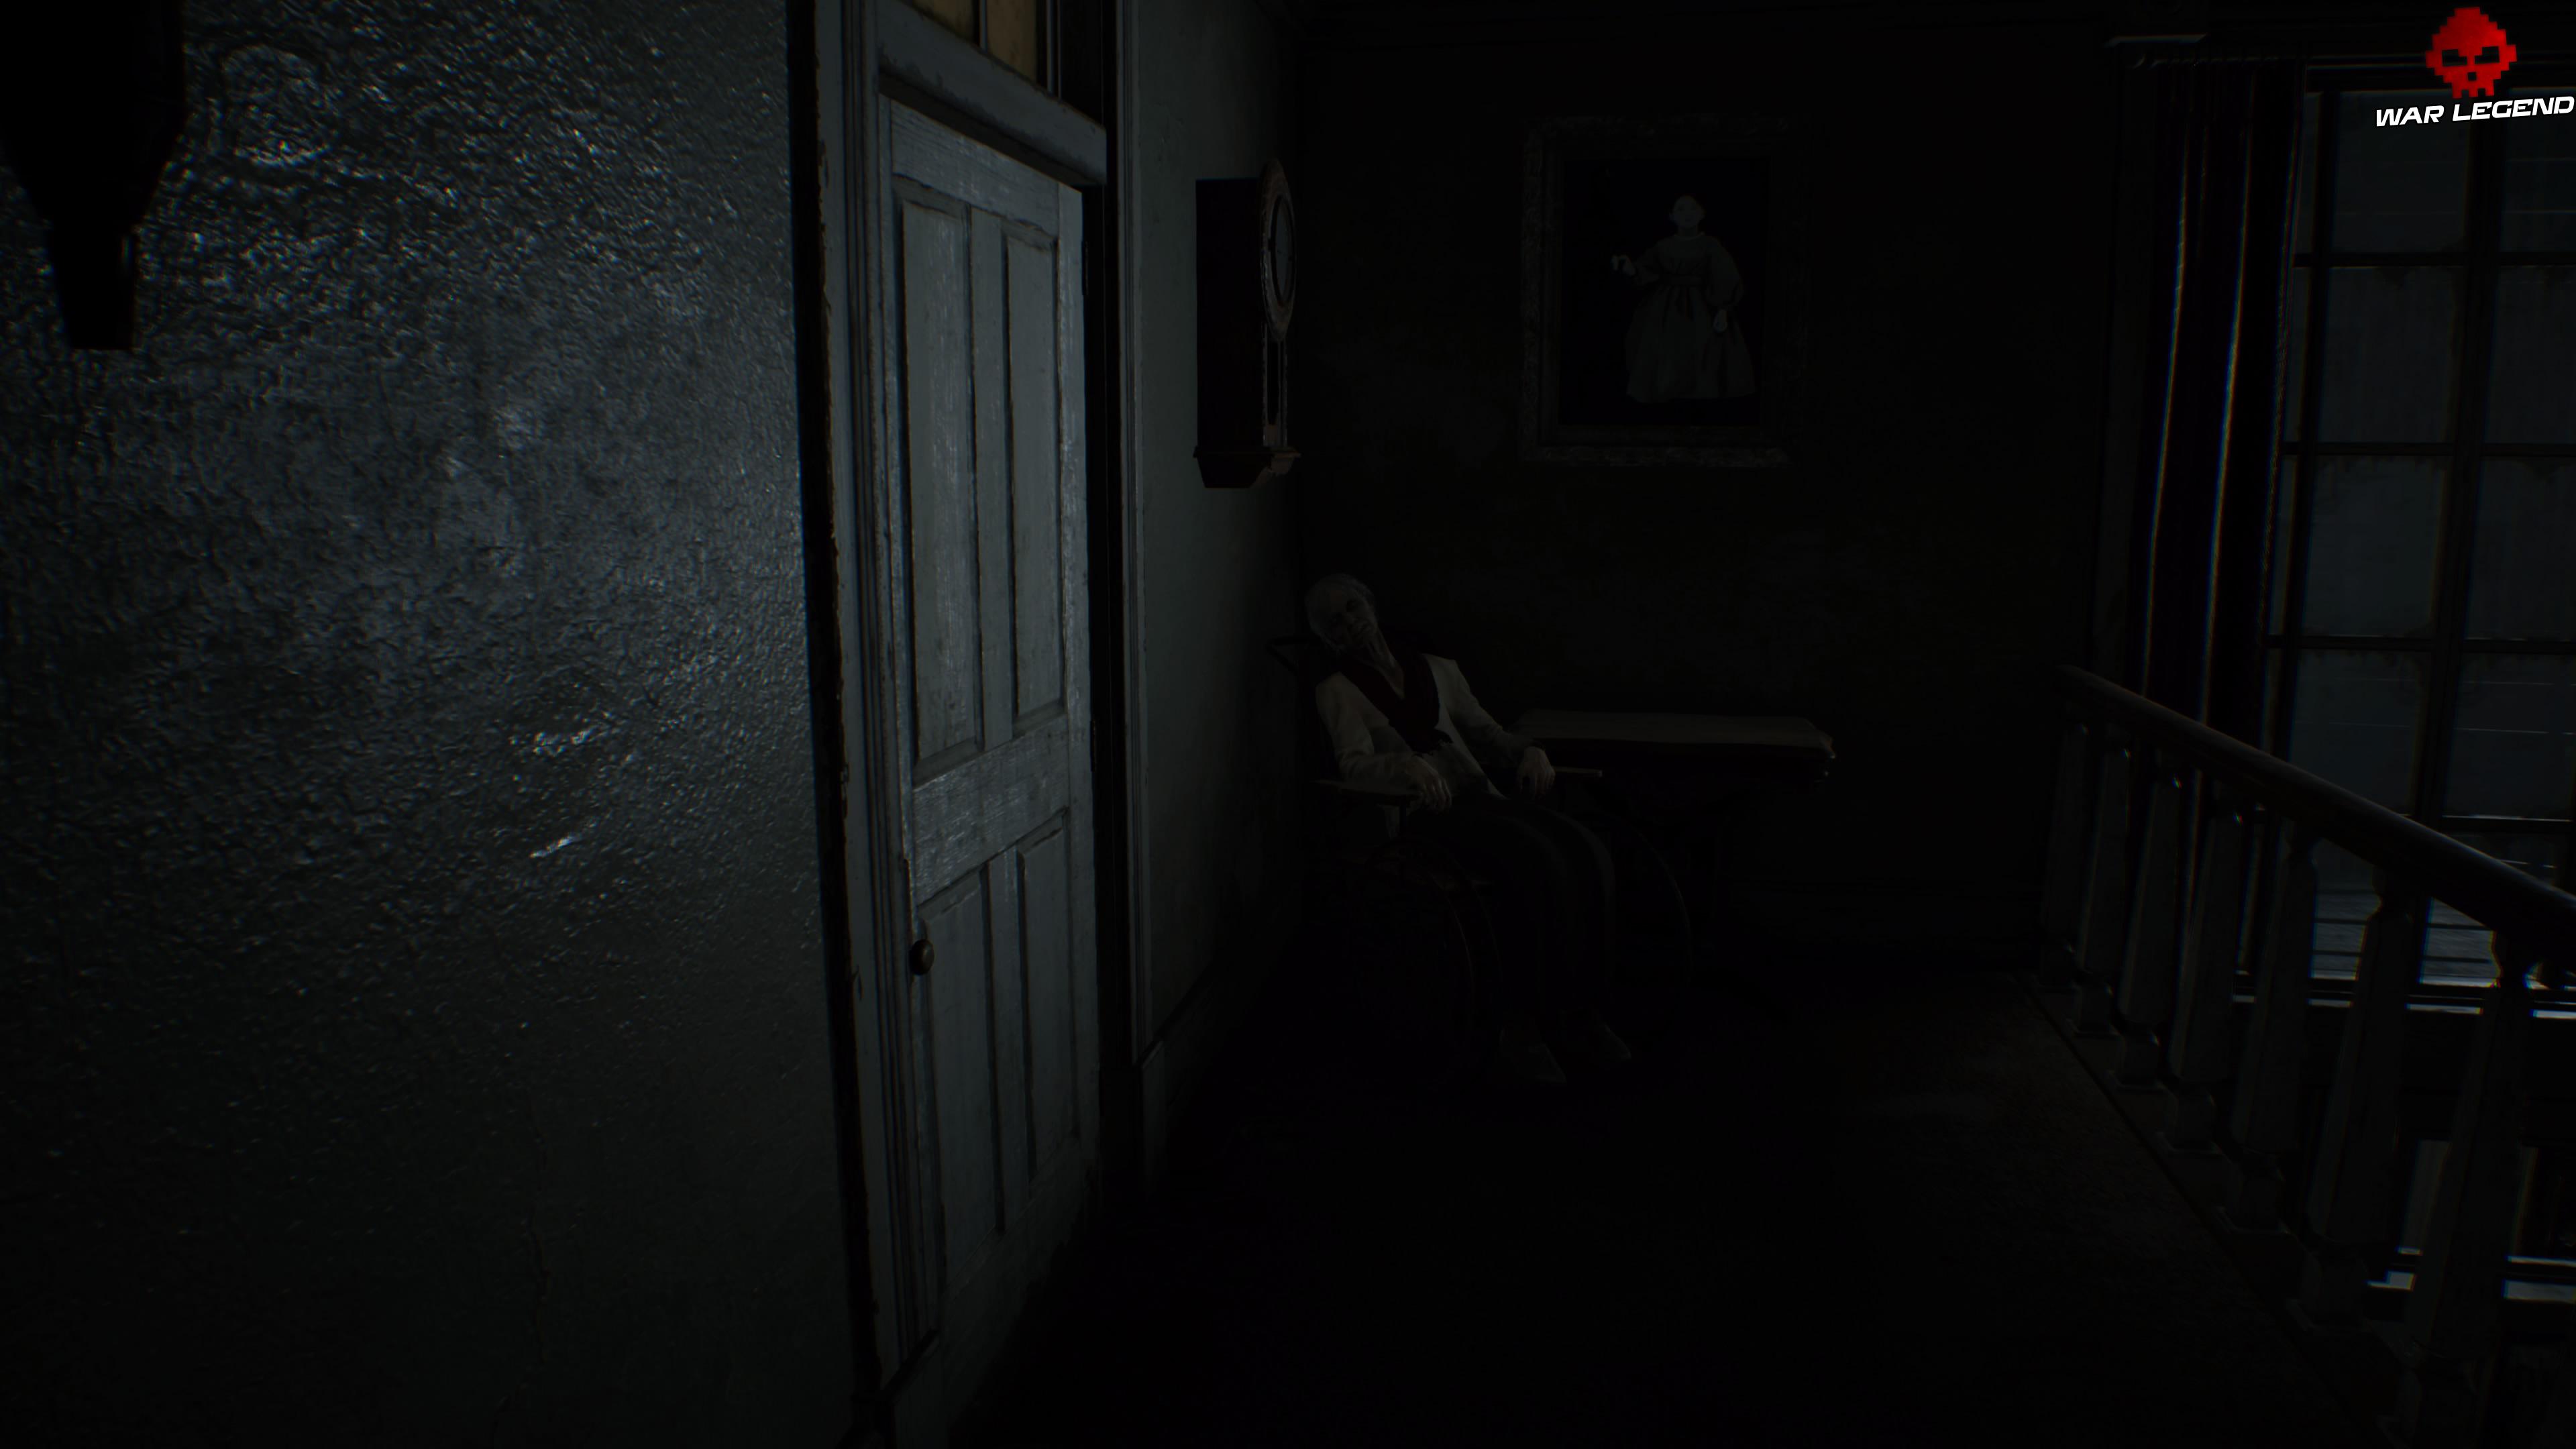 Guide des trophées Resident Evil 7 Biohazard vieille dame près d'une porte fermée